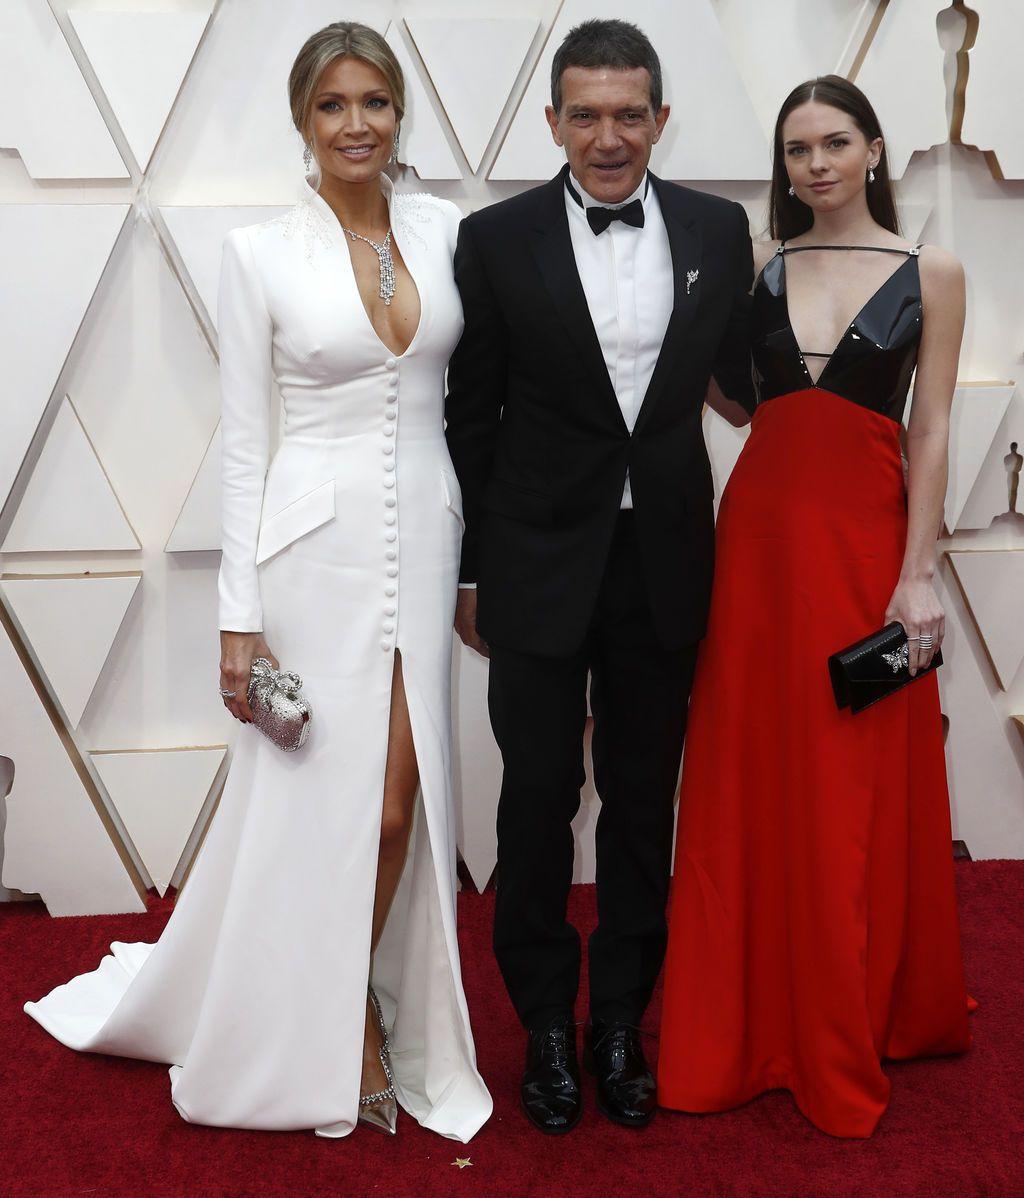 Antonio Banderas, Nicole Kimpel y Stella Banderas posan en la alfombra roja de los Premios Óscar 2020